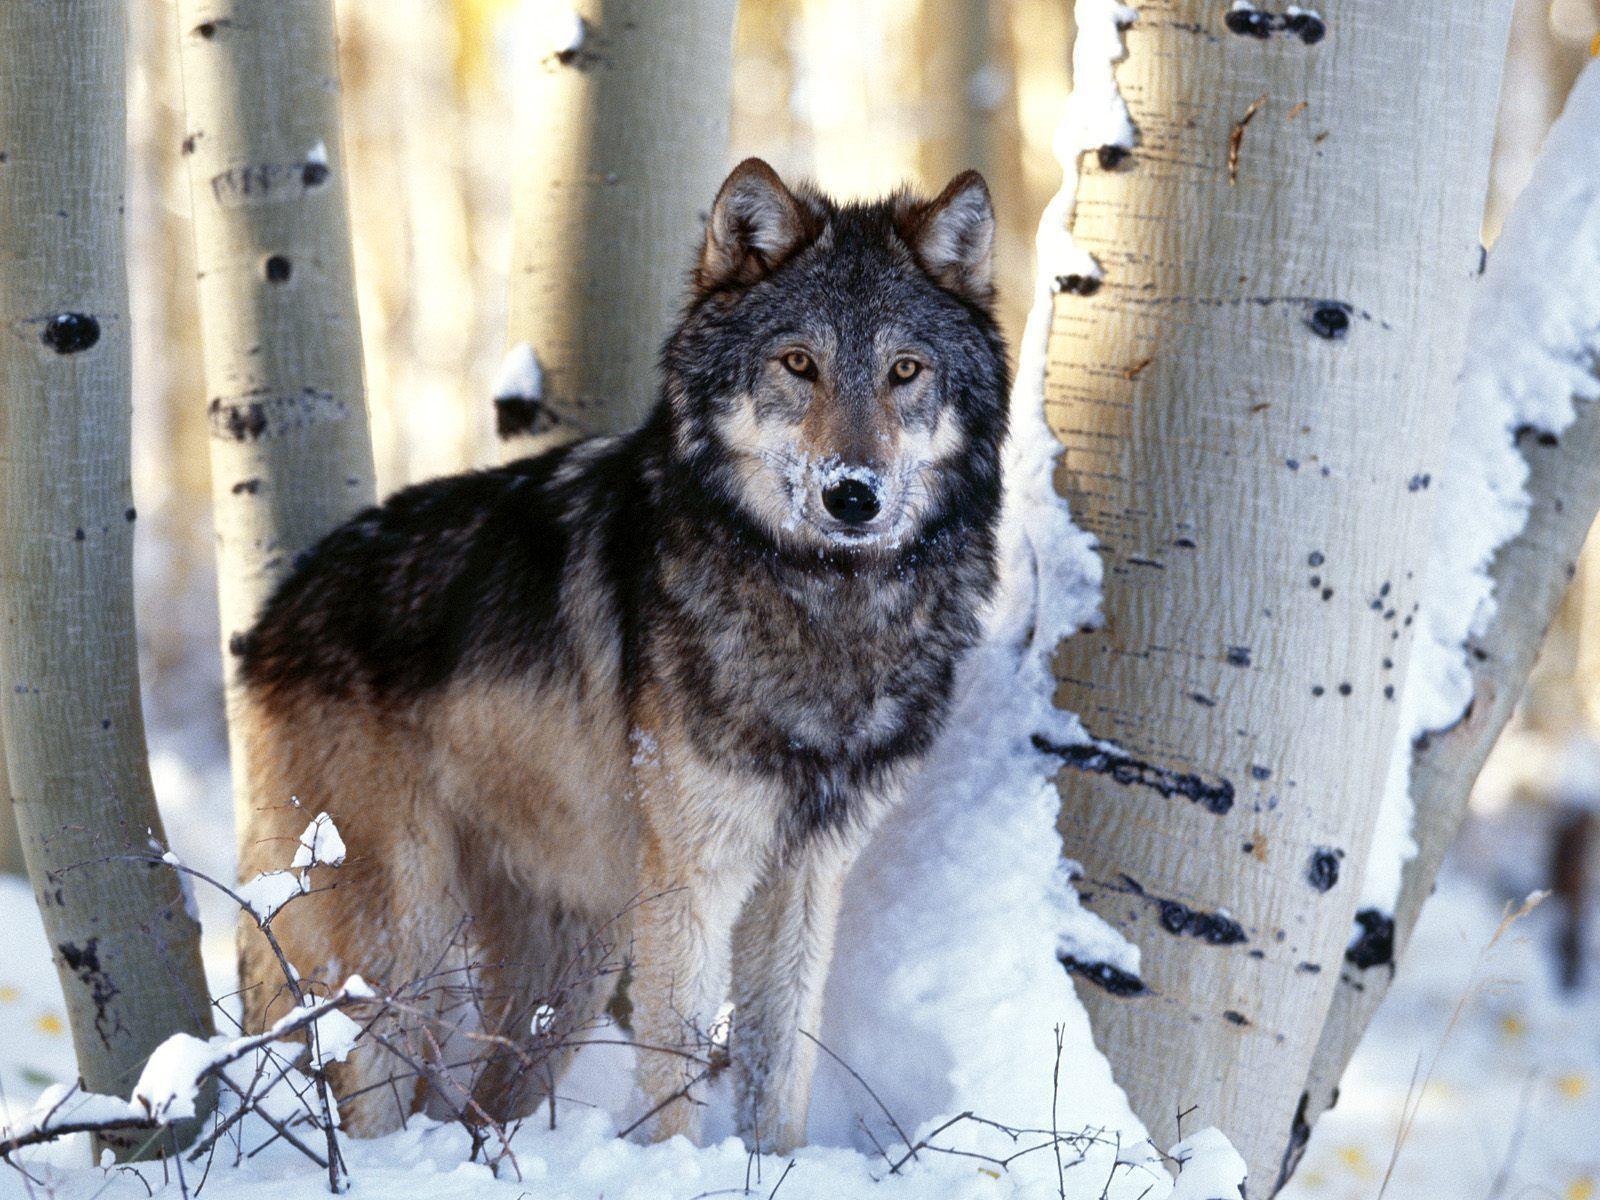 Hd Wolf Wallpaper - Denpasar News